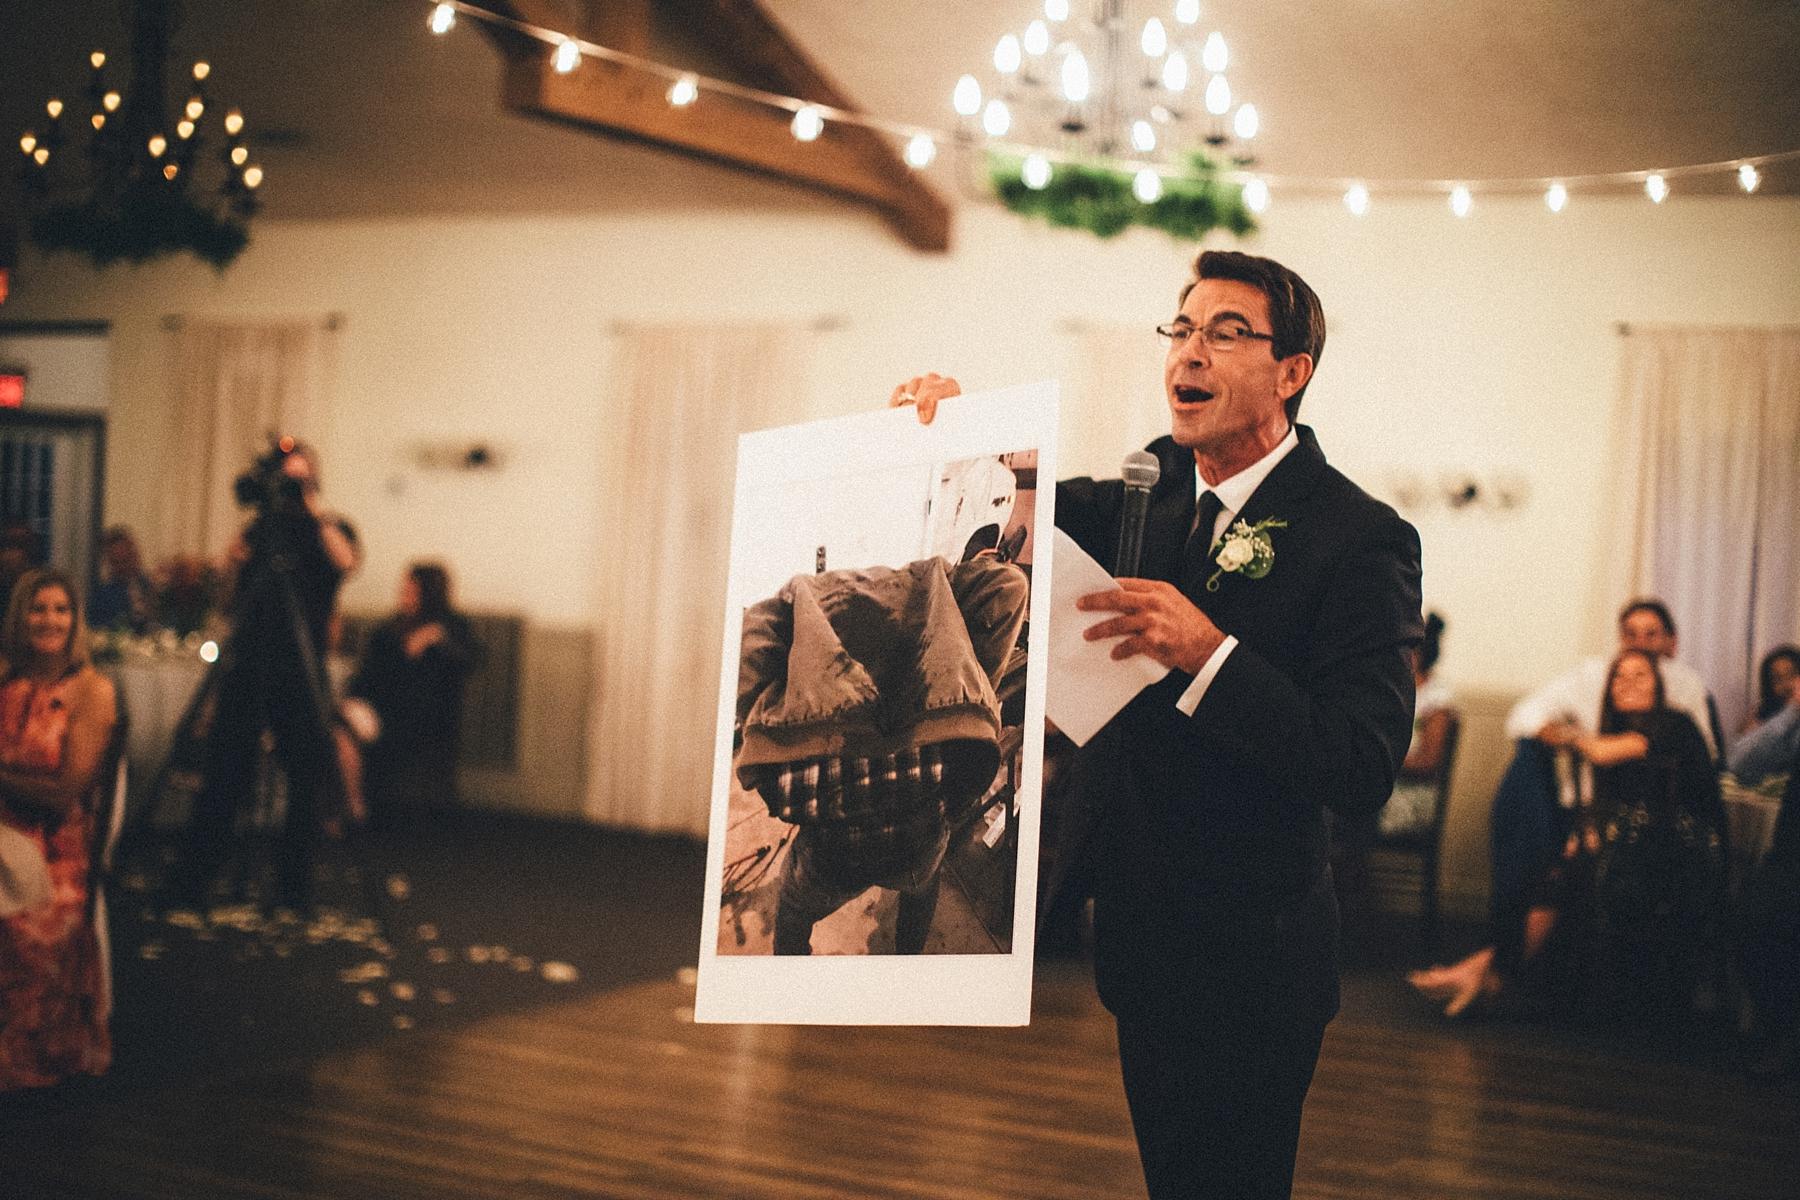 childhood-home-wedding-new-hope-pa-lambertville-nj_0083.jpg